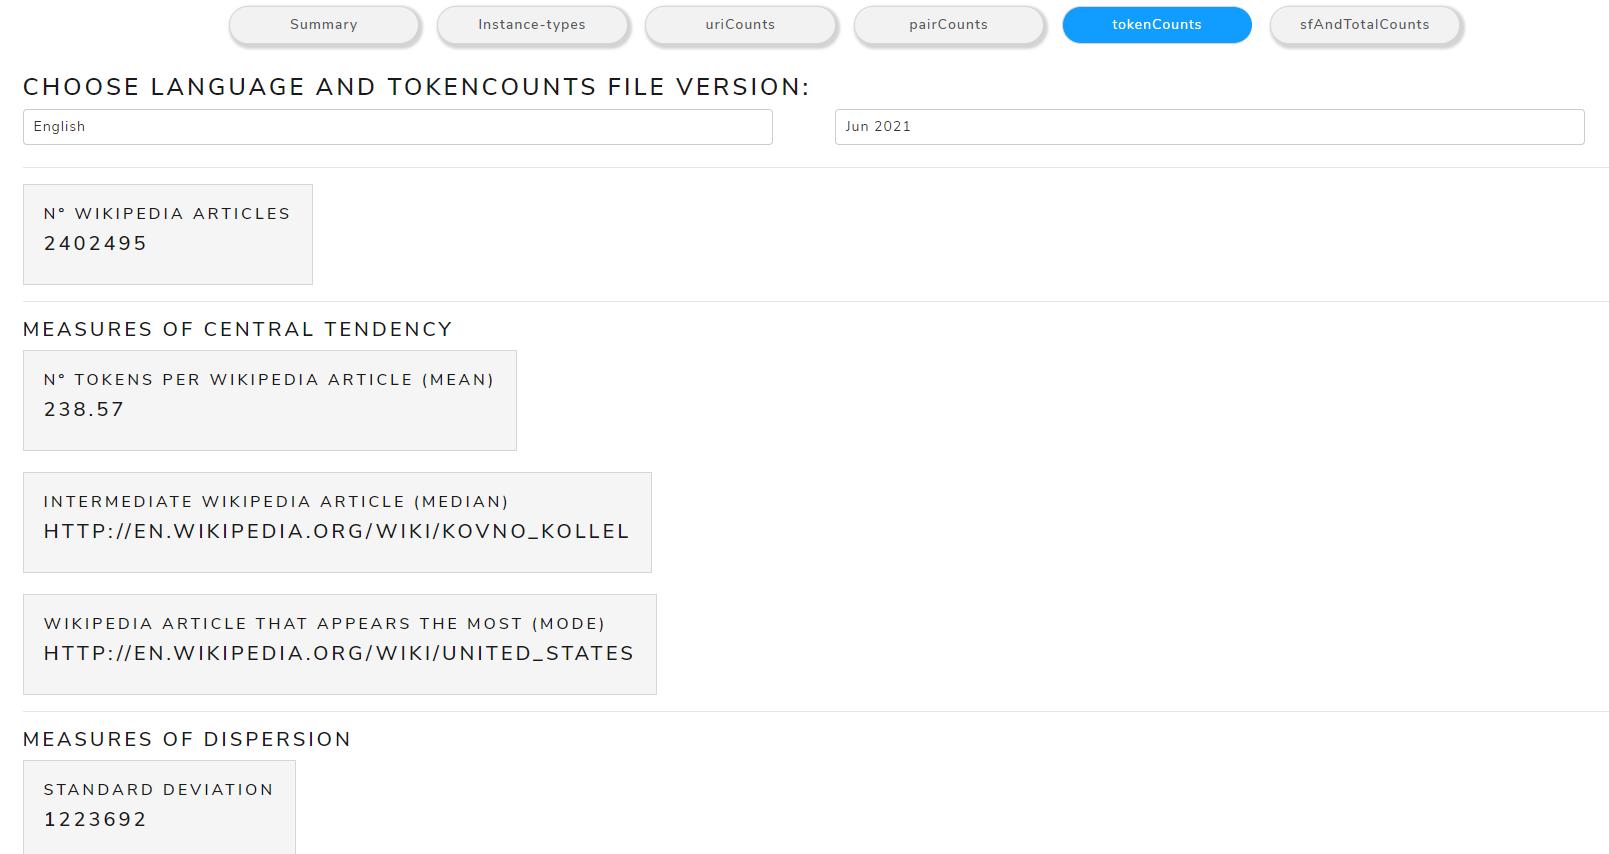 tokenCounts